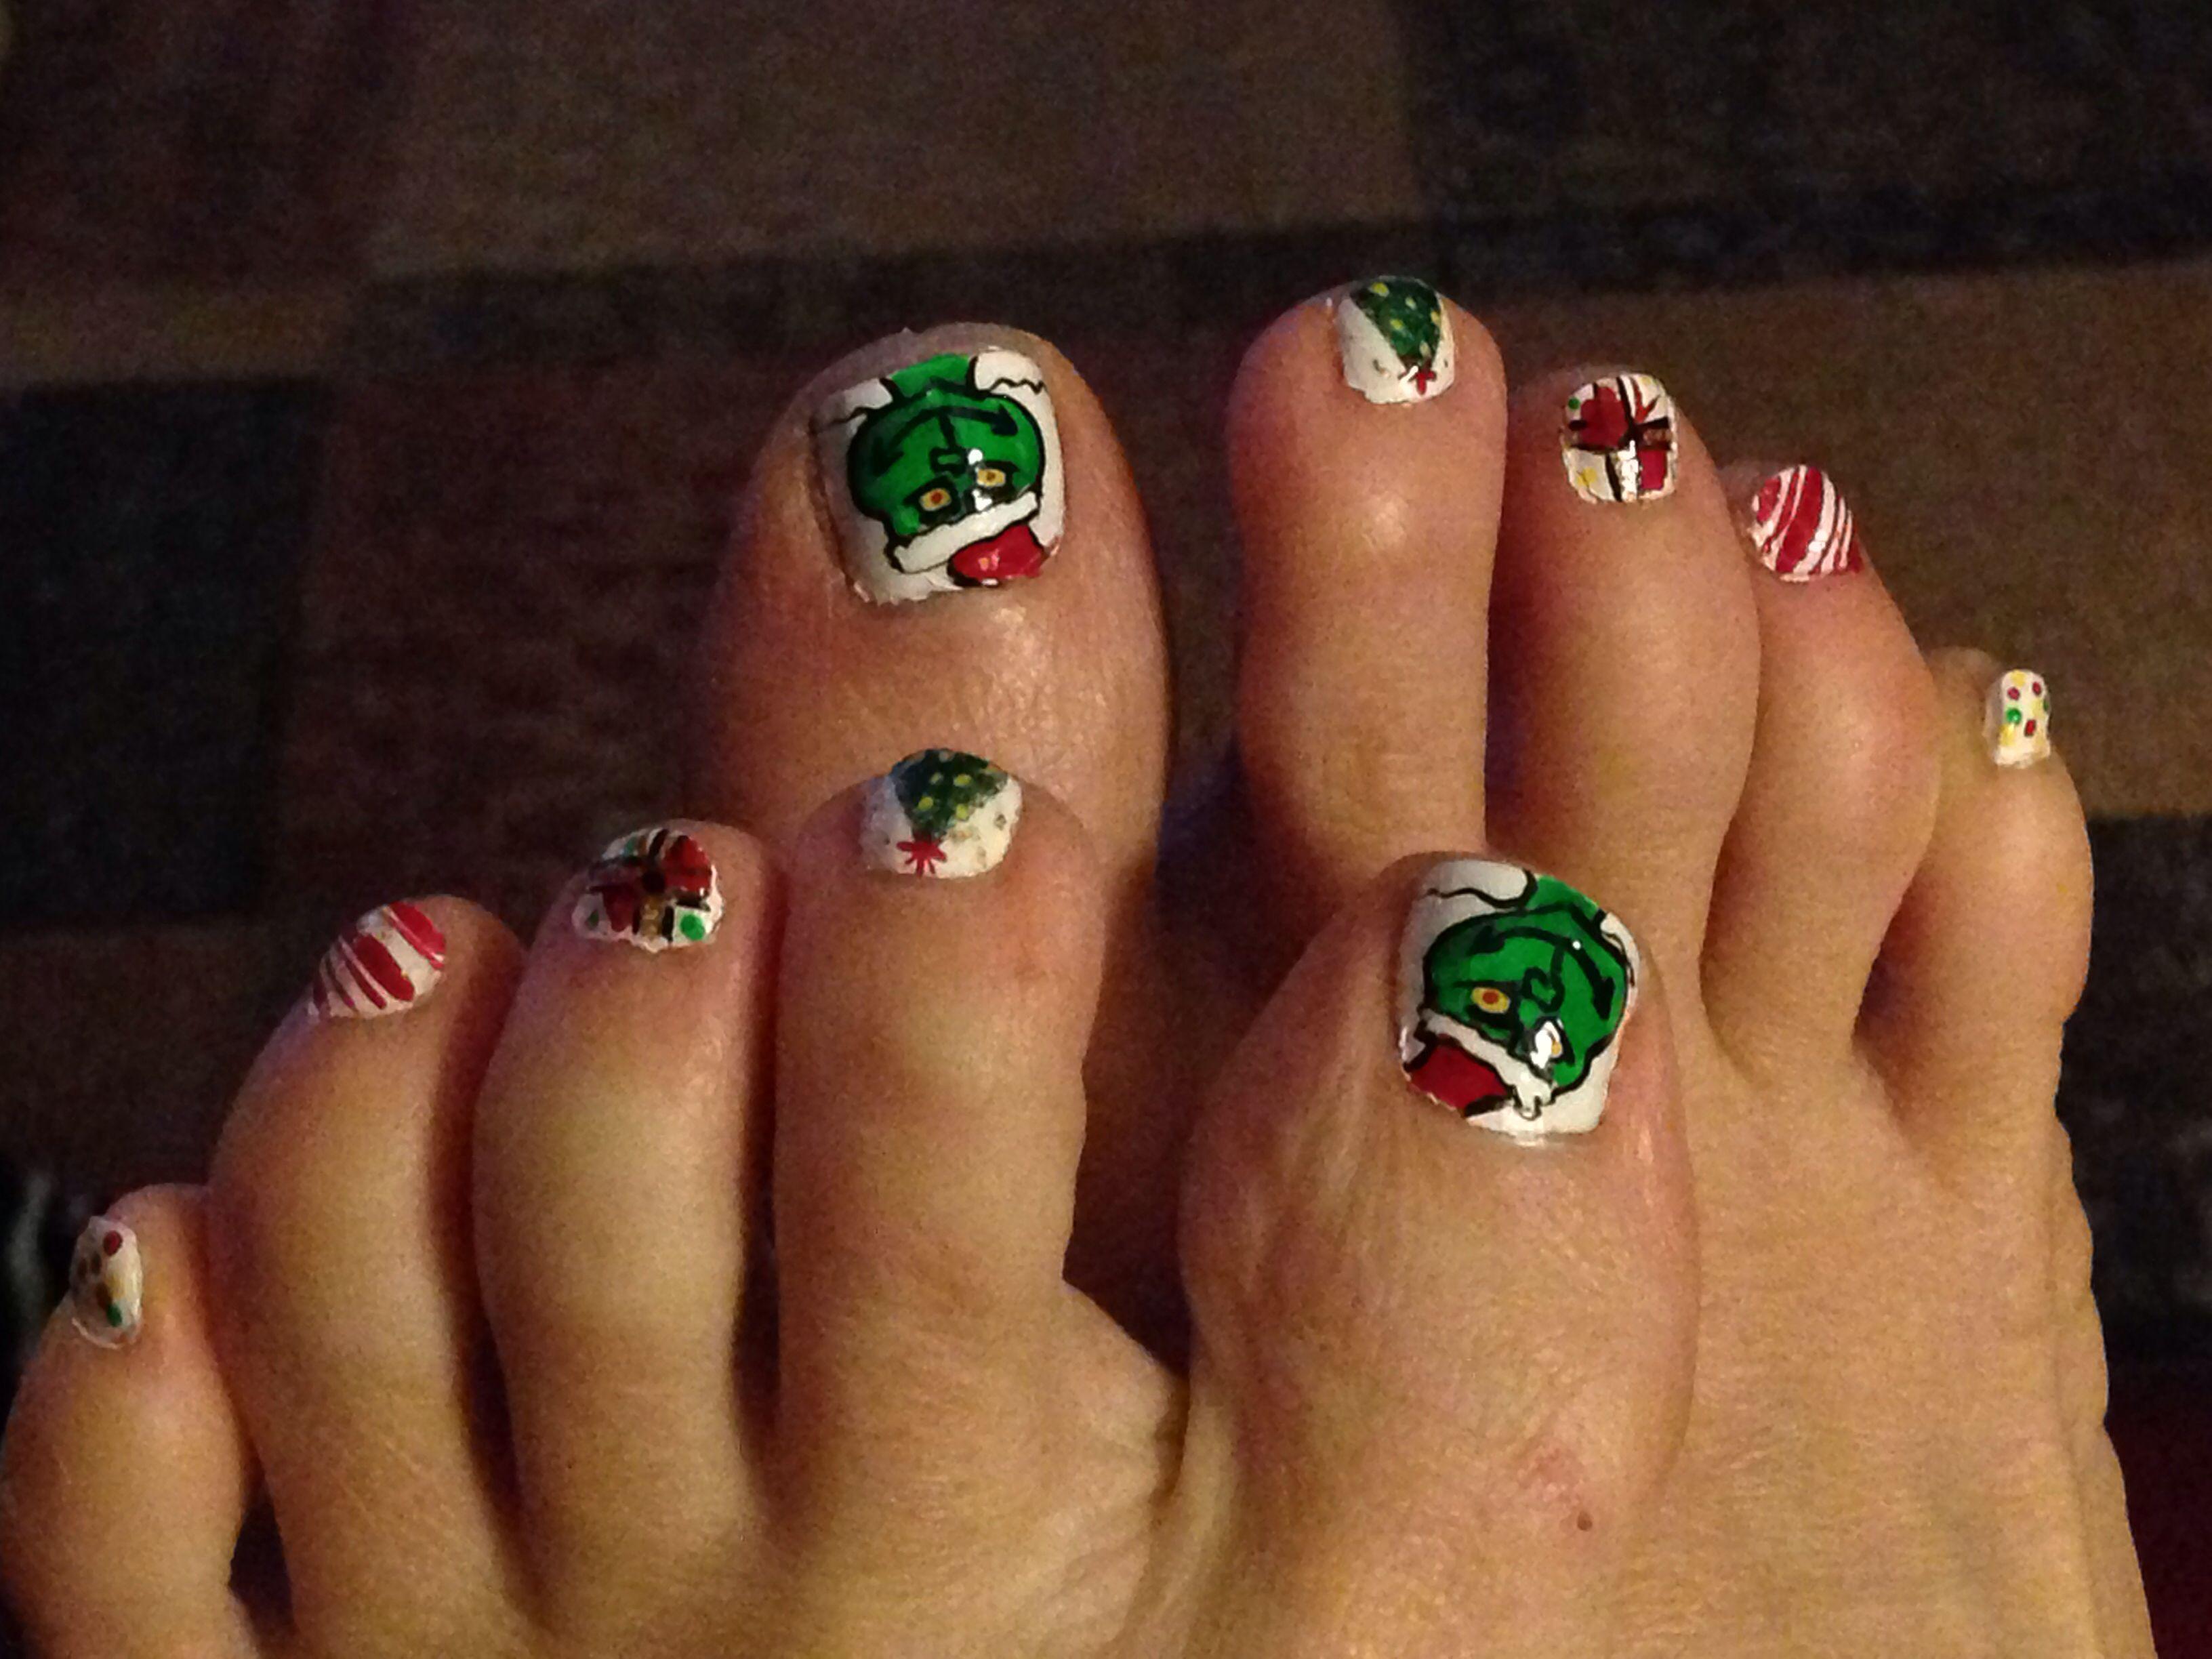 Grinch nail art | Nail Art | Pinterest | Grinch and Beauty nails